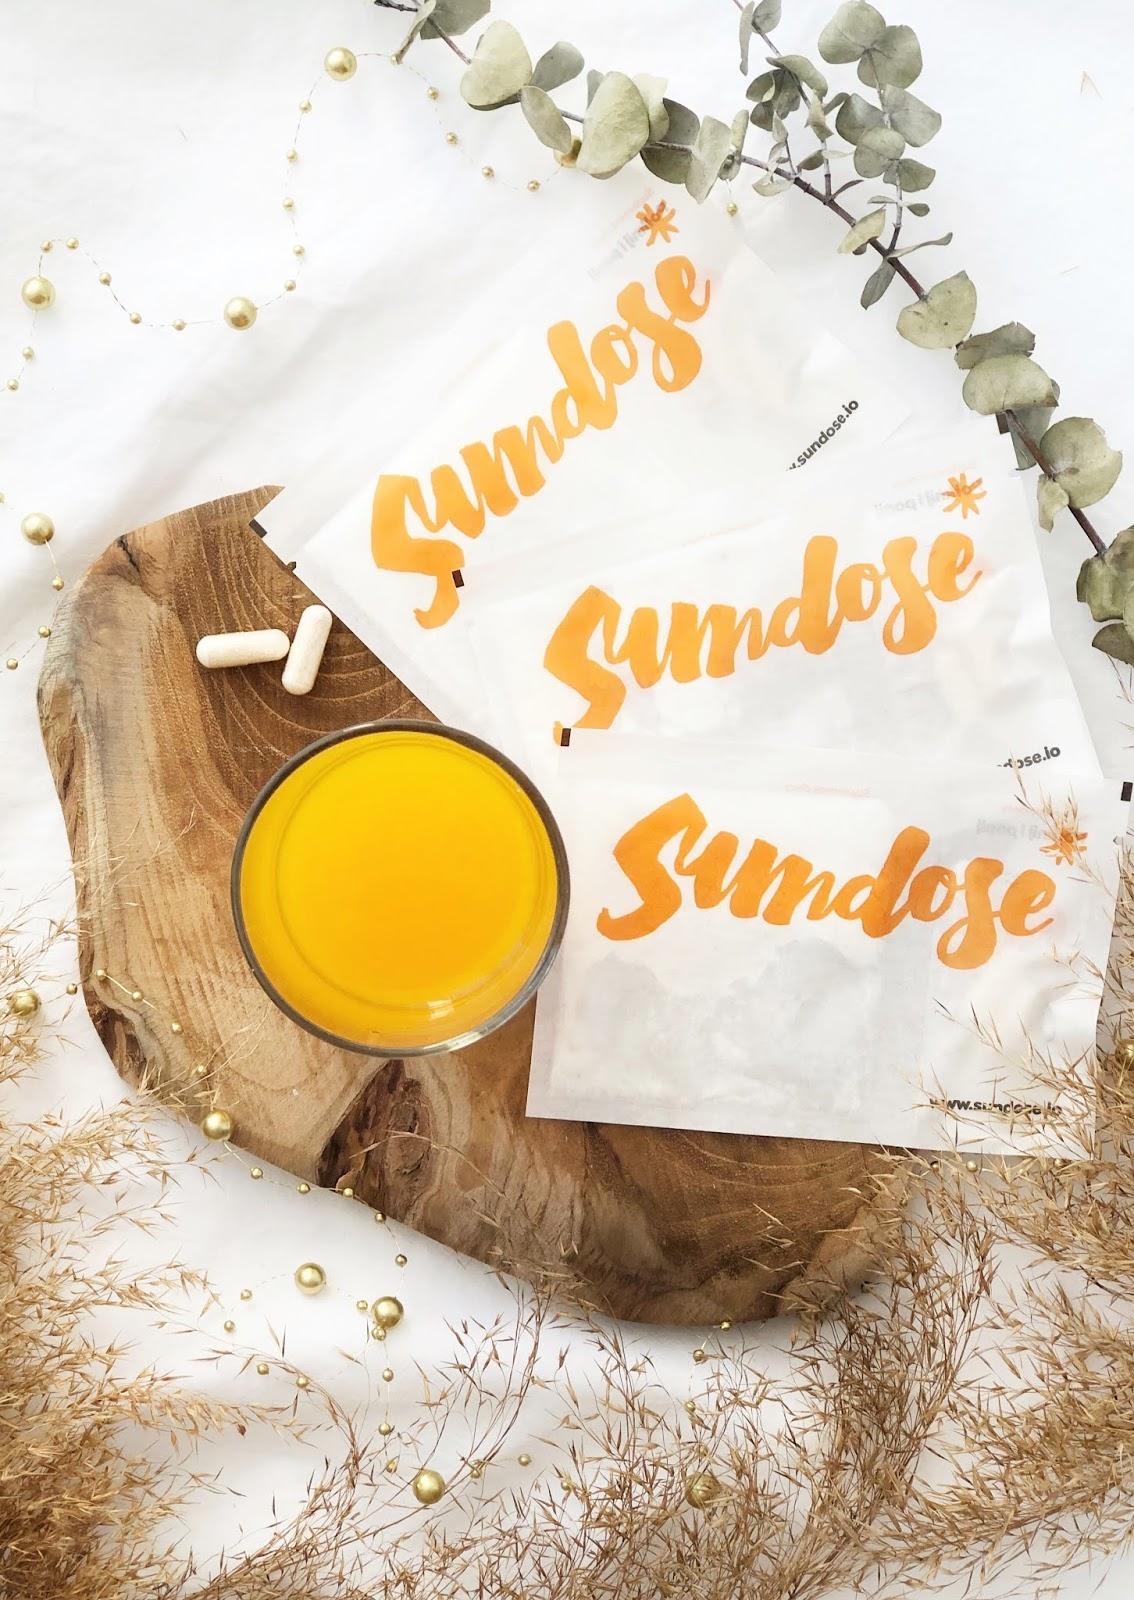 sundose-opinia